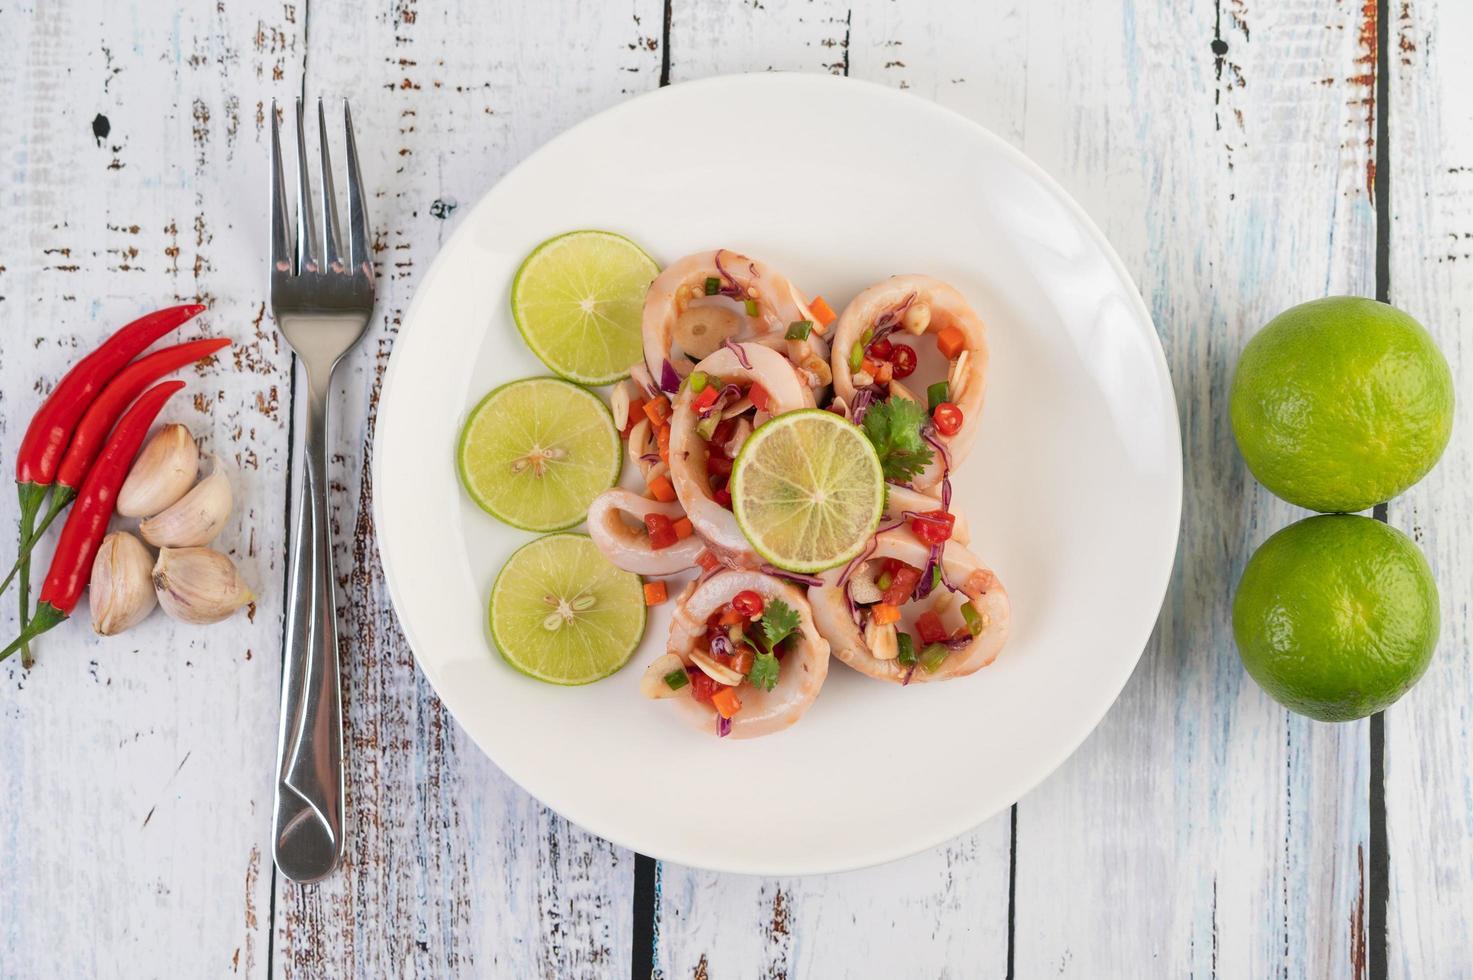 Spicy lemon squid dish photo